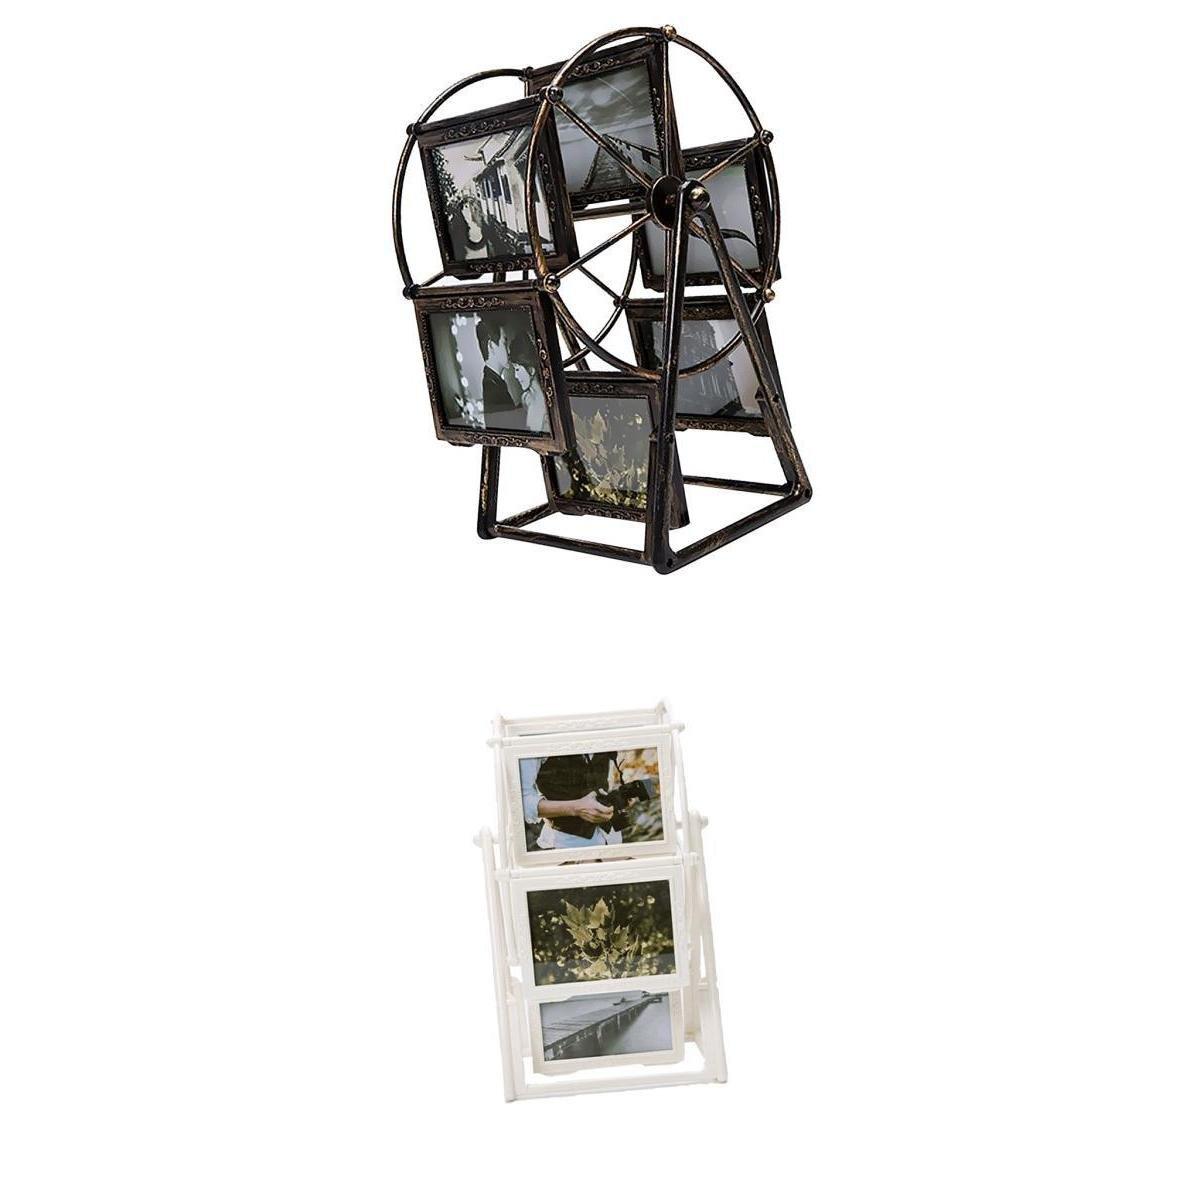 MagiDeal 2pcs 5 ''Rotierende Riesenrad Kombination Bilderrahmen Fotorahmen Collage für 3 Bilder